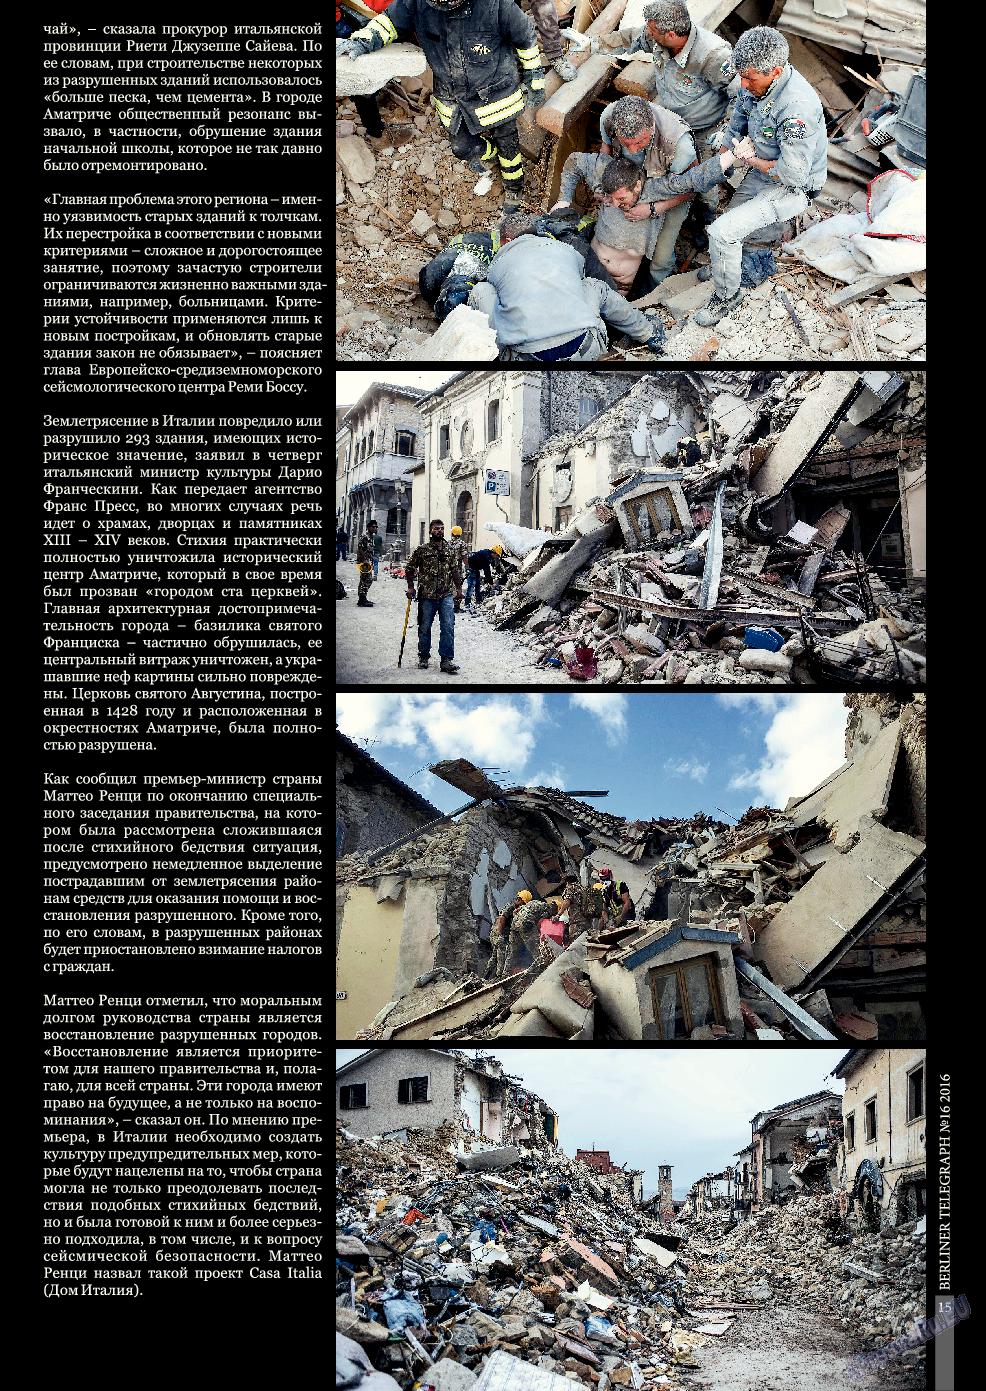 Берлинский телеграф (журнал). 2016 год, номер 16, стр. 15